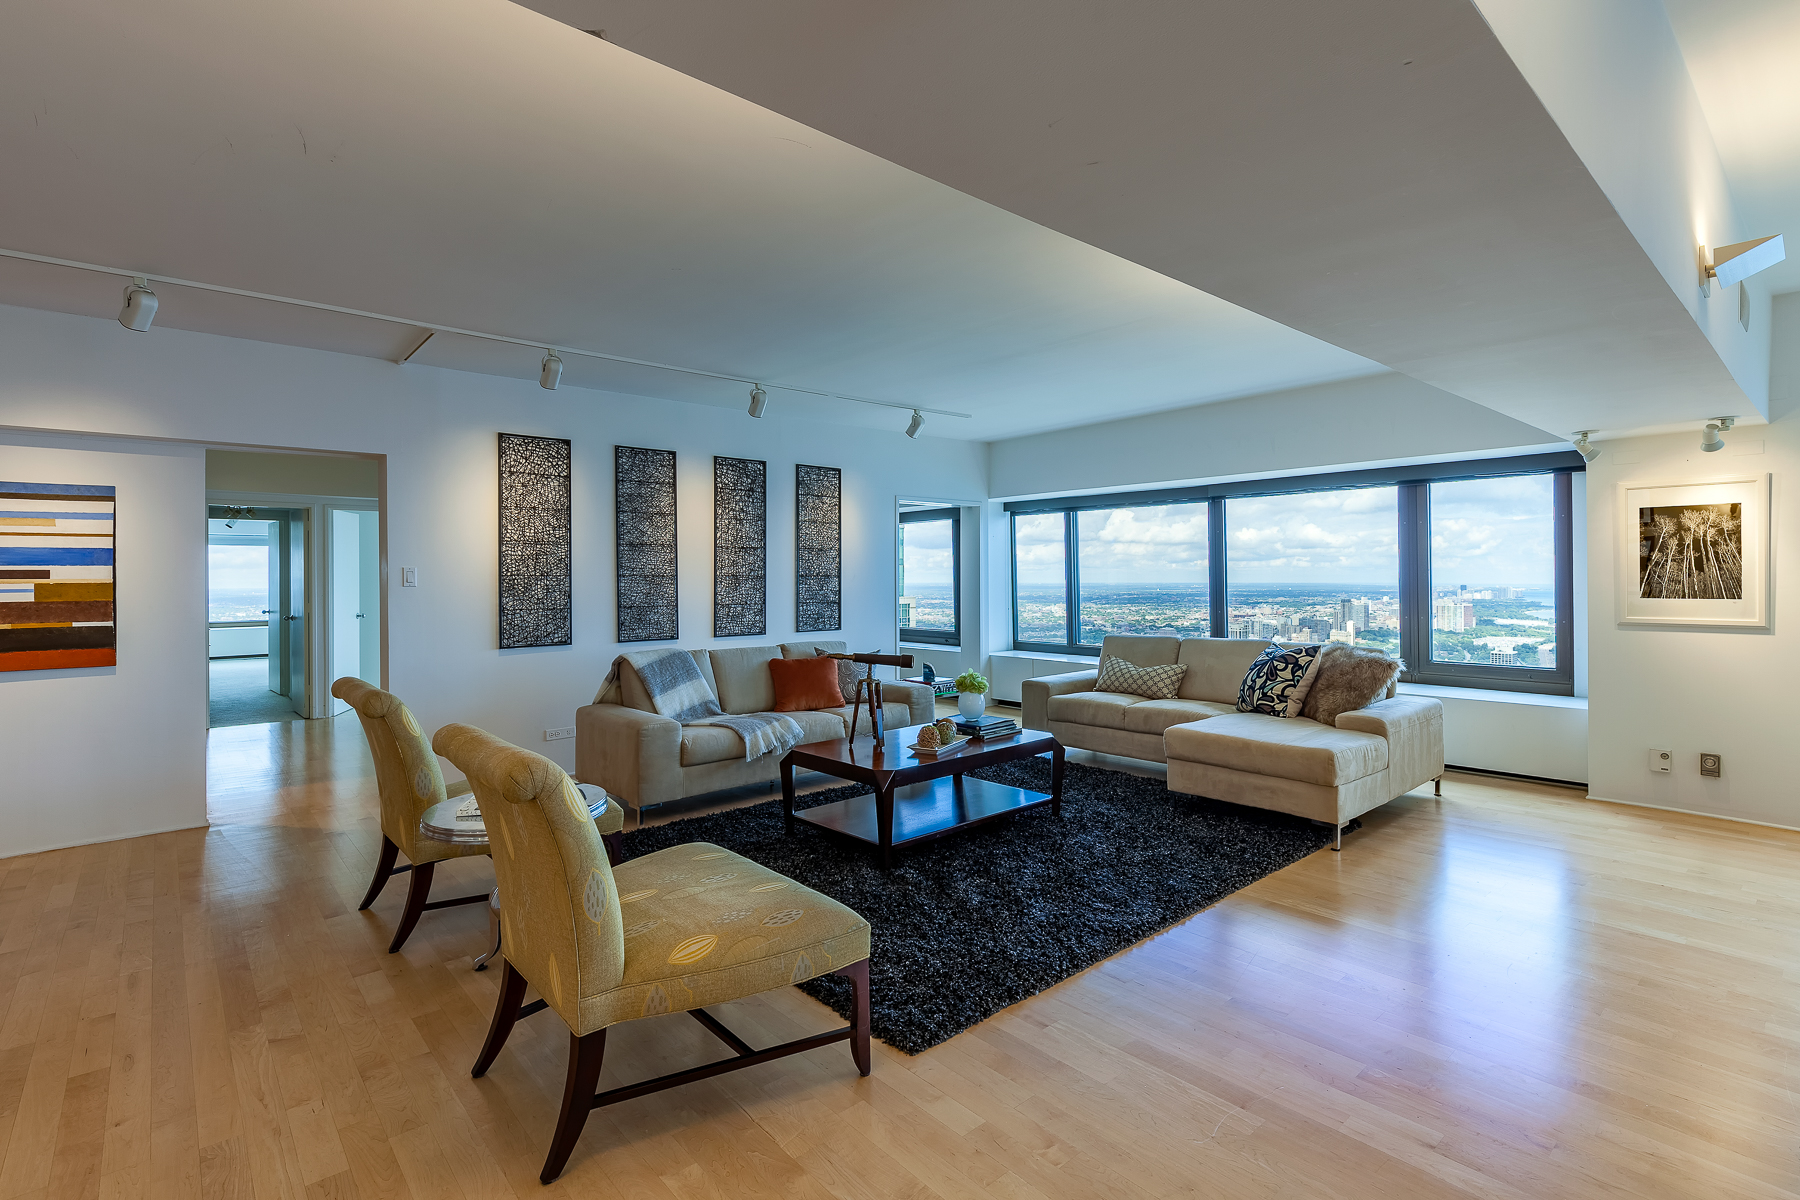 175 Delaware_Living Room 1.jpg